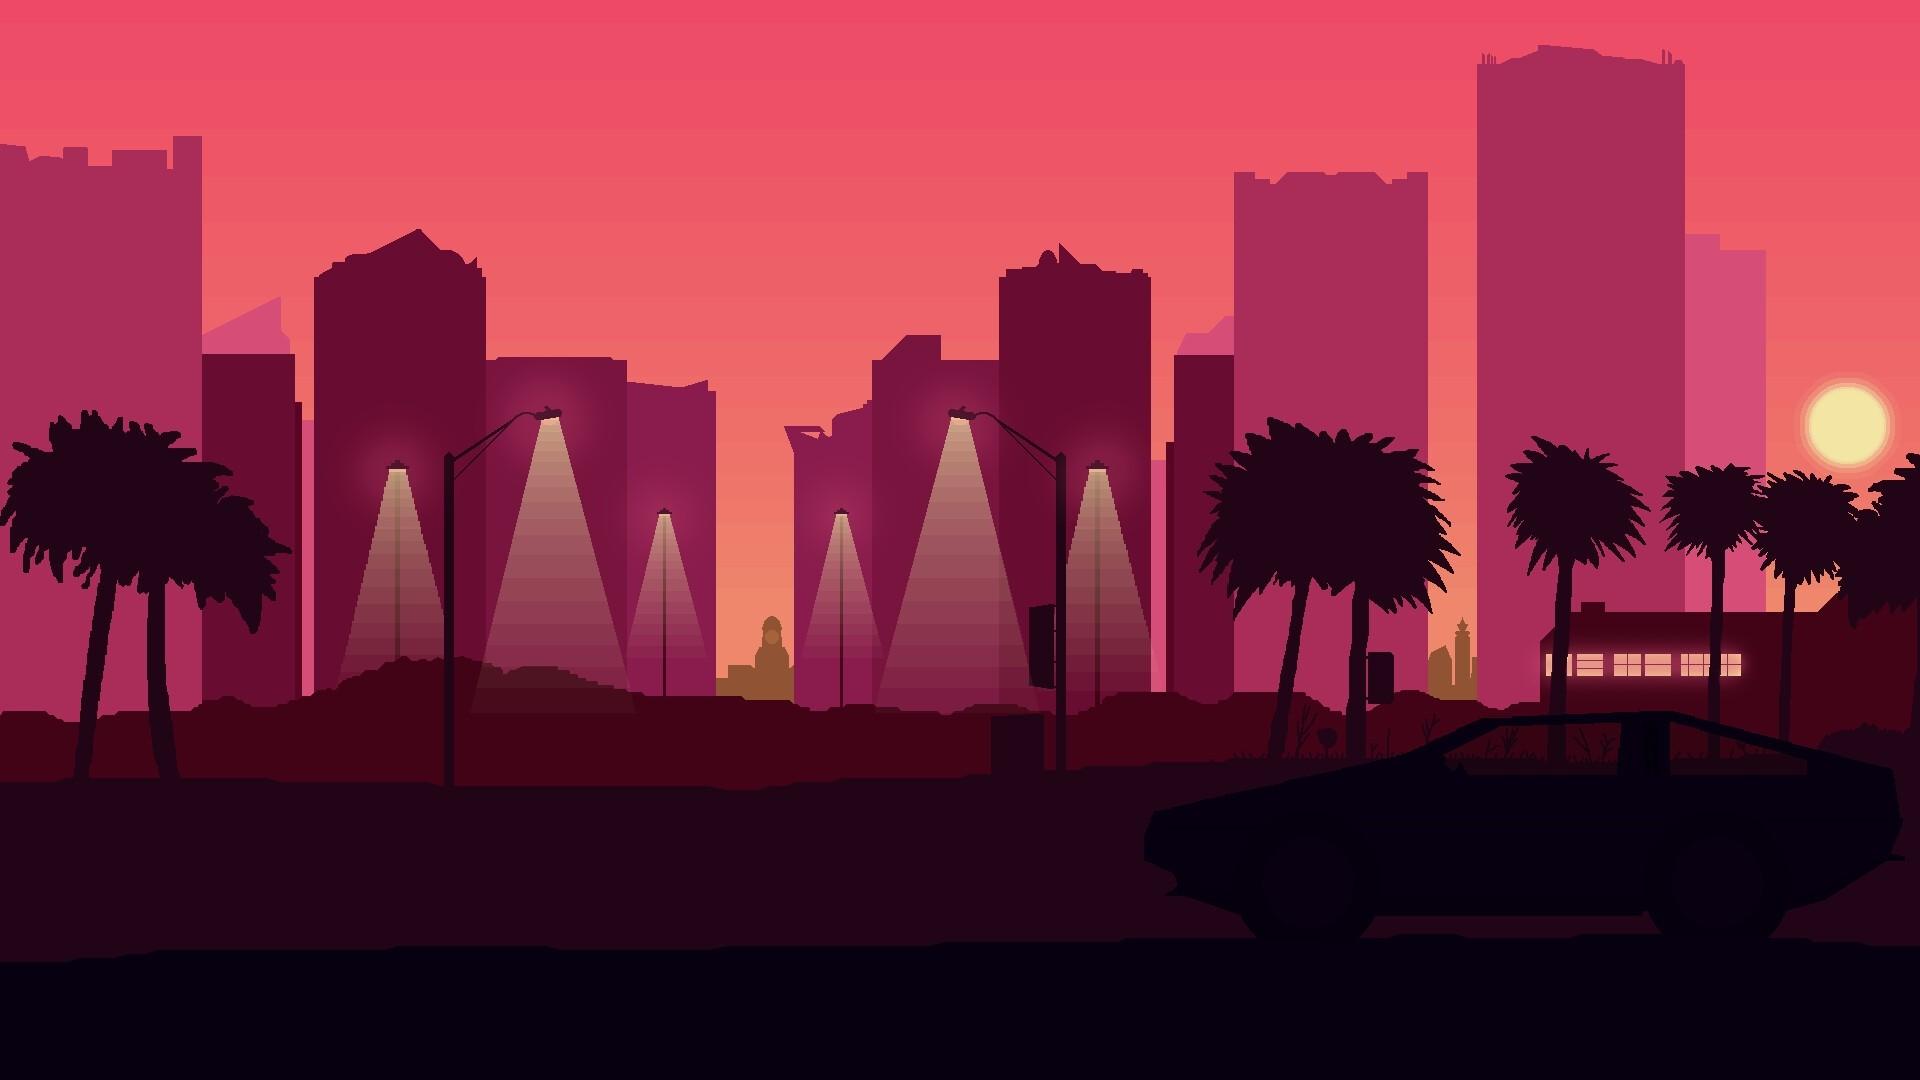 Hotline Miami a wallpaper